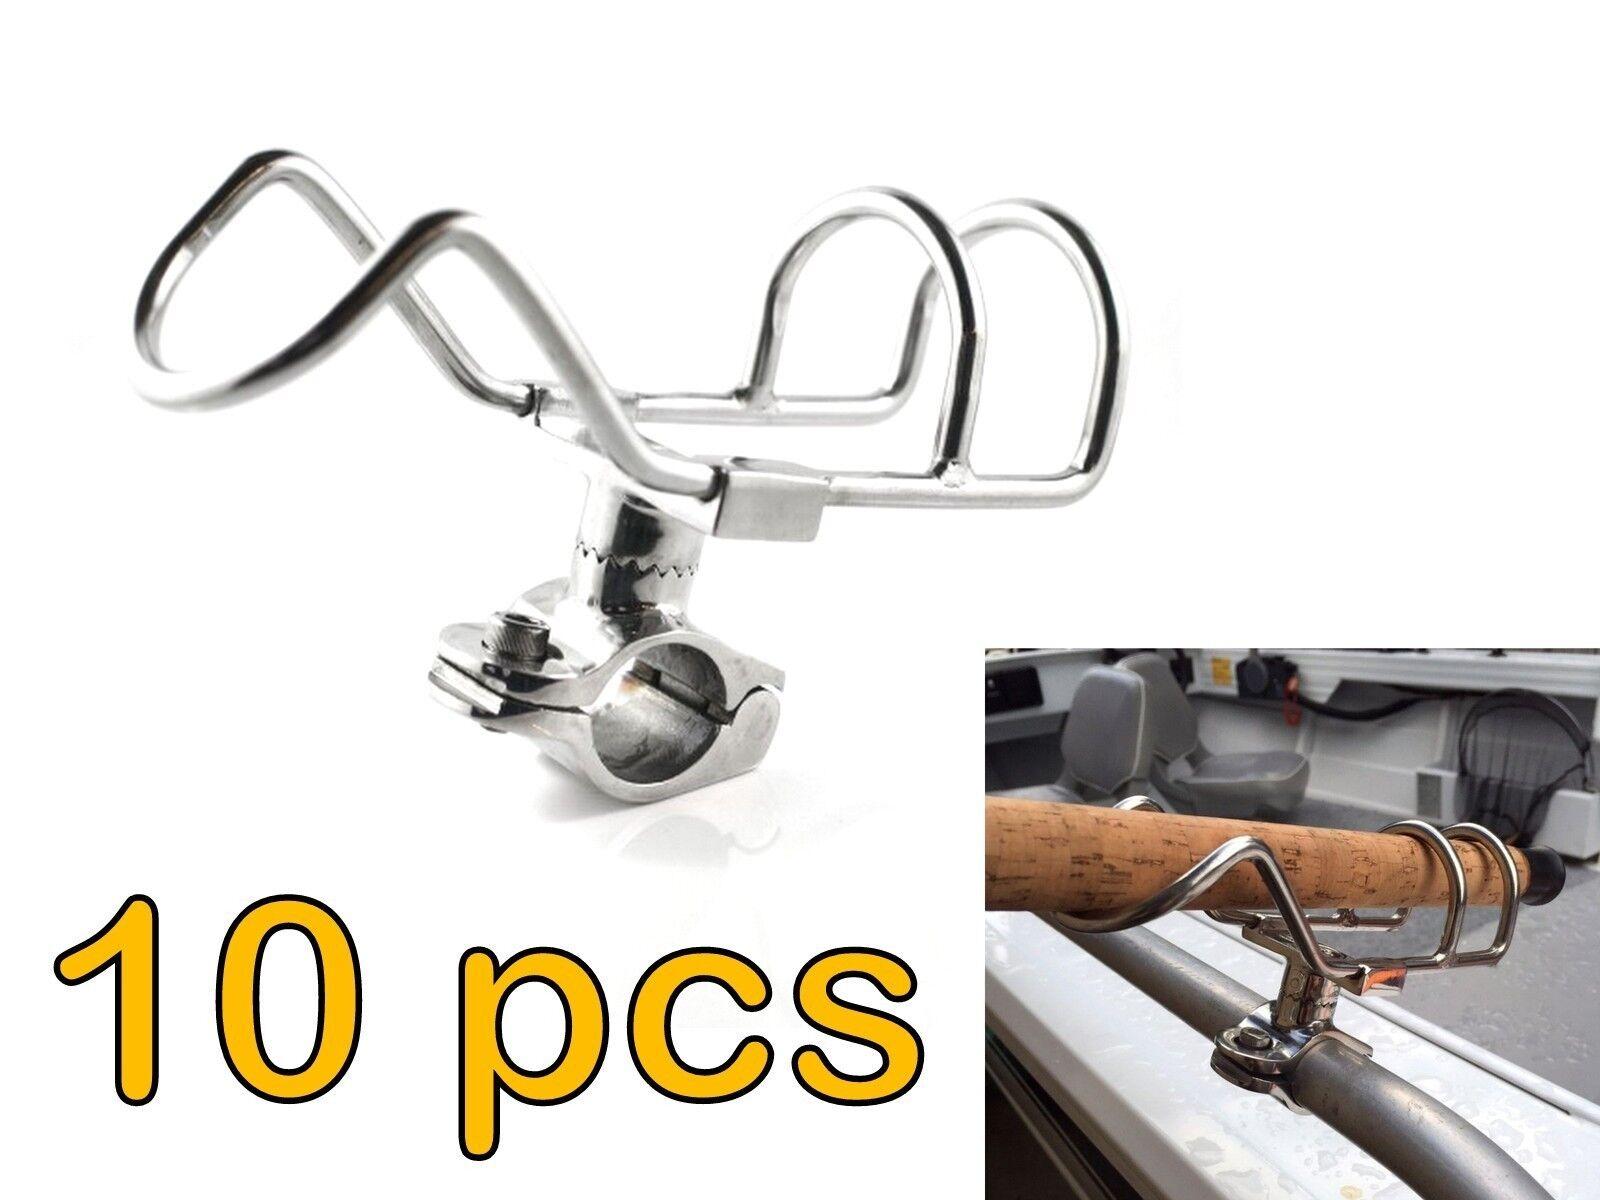 10x STAINLESS STEEL 25mm ROD HOLDER RAIL  MOUNT FISHING BOAT 360 DEG ADJUSTABLE  world famous sale online